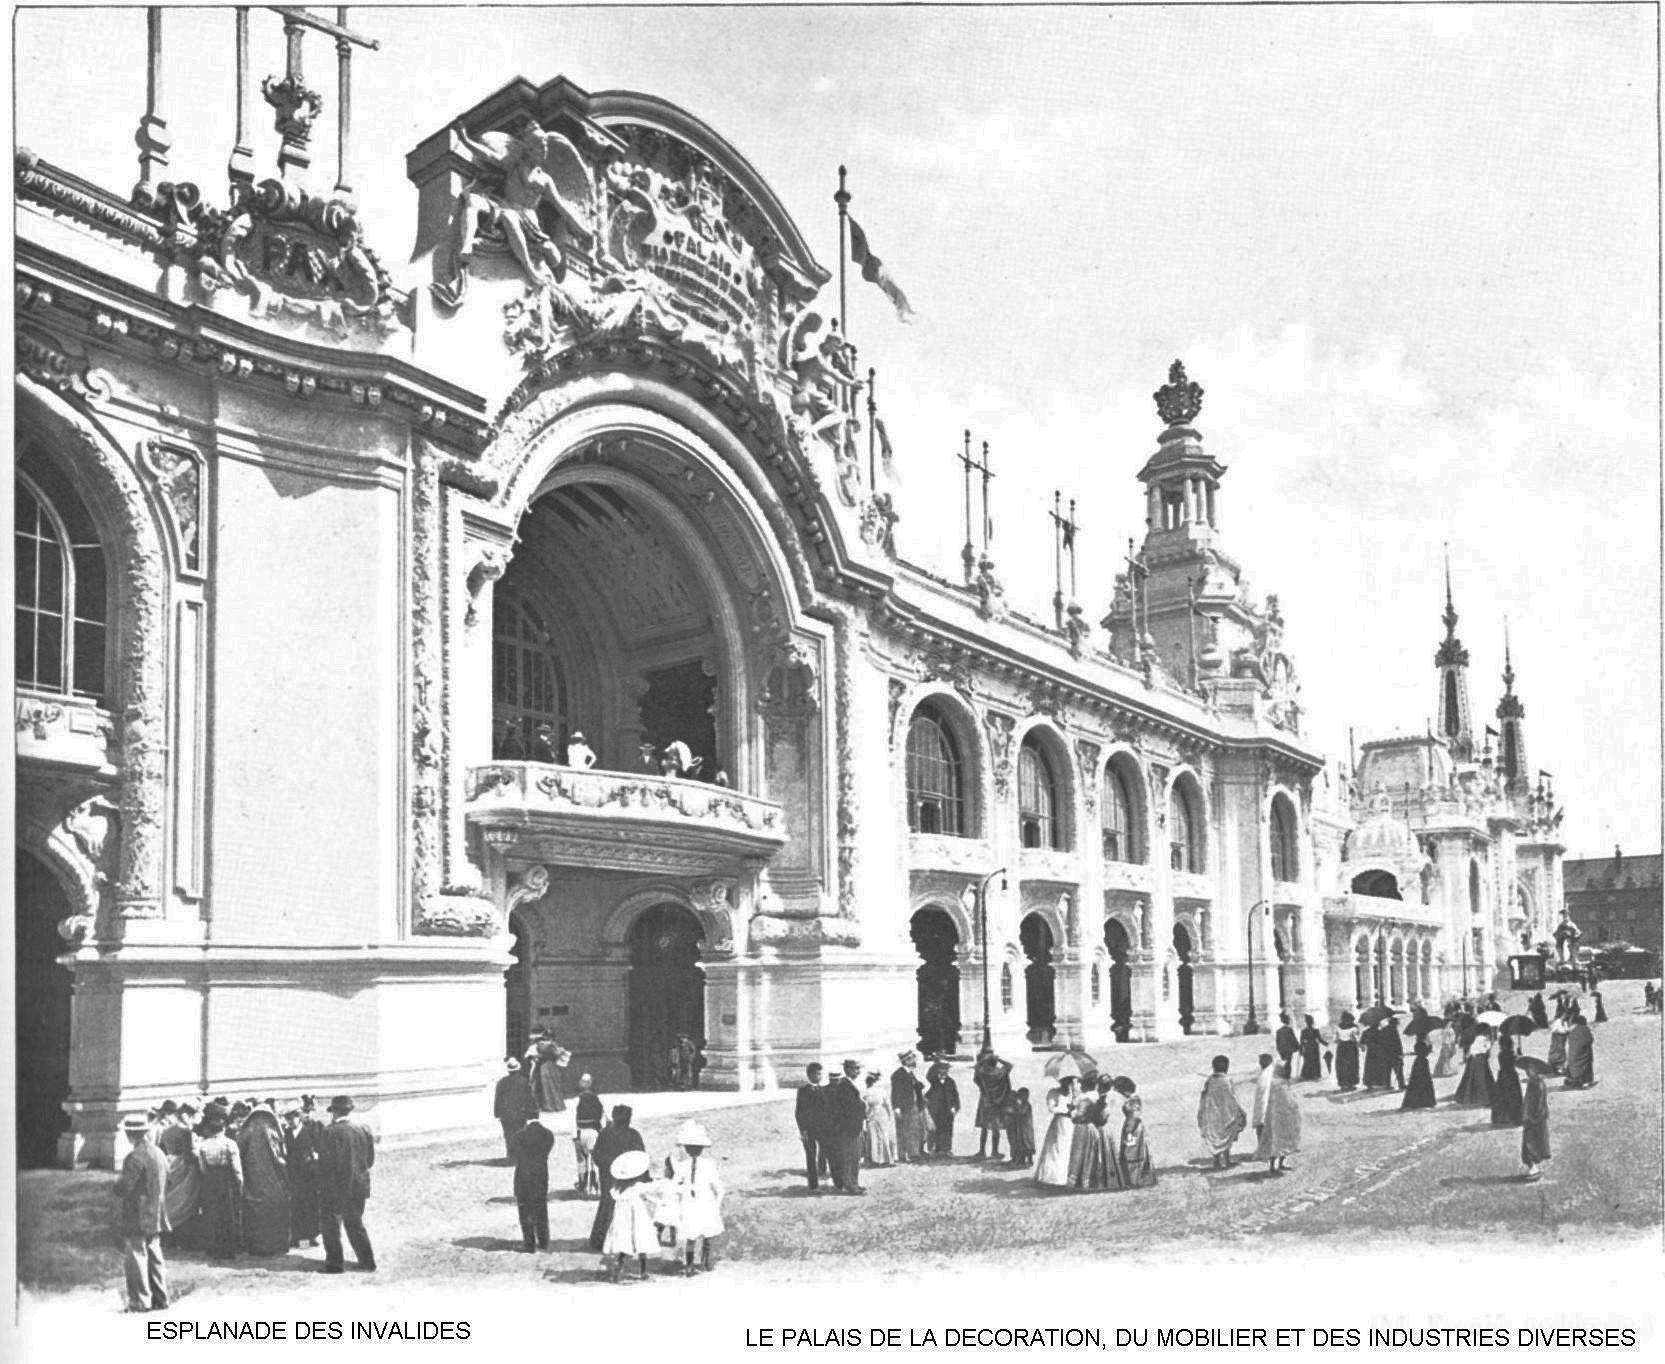 Ressources histoire exposition universelle 1900 esplanade des invalides palais de la decoration du mobilier et des industries diverses